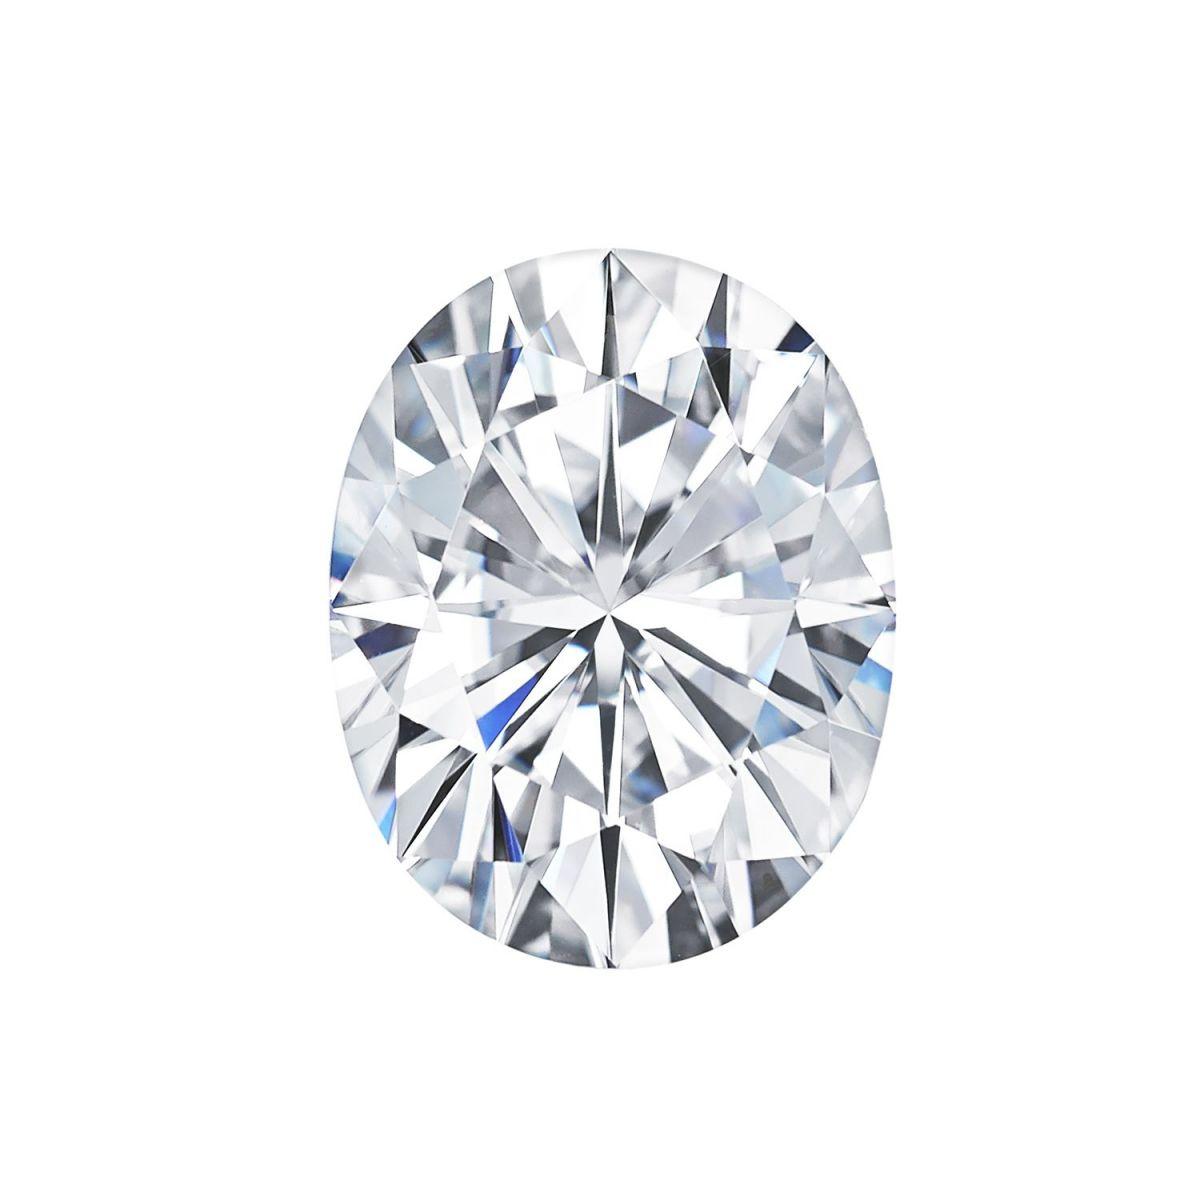 https://www.loveandpromisejewelers.com/media/catalog/product/cache/1b8ff75e92e9e3eb7d814fc024f6d8df/o/v/oval_moissanite_image.jpg